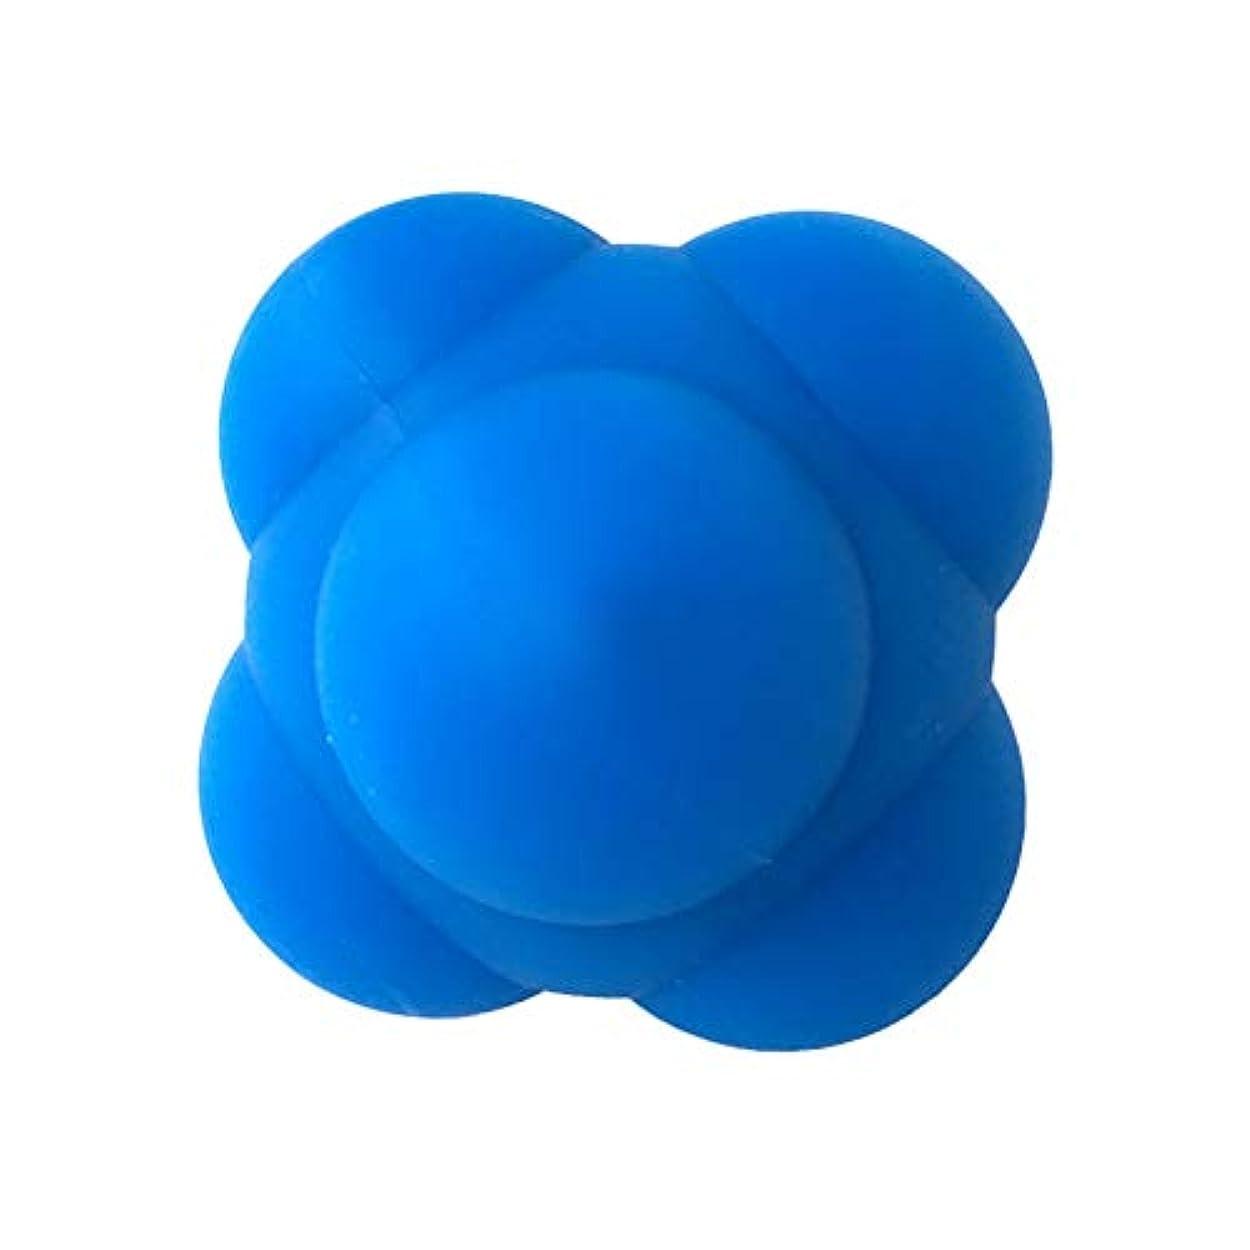 Healifty 敏捷性とスピードのためのリアクションボールハンドアイコーディネーションブルー